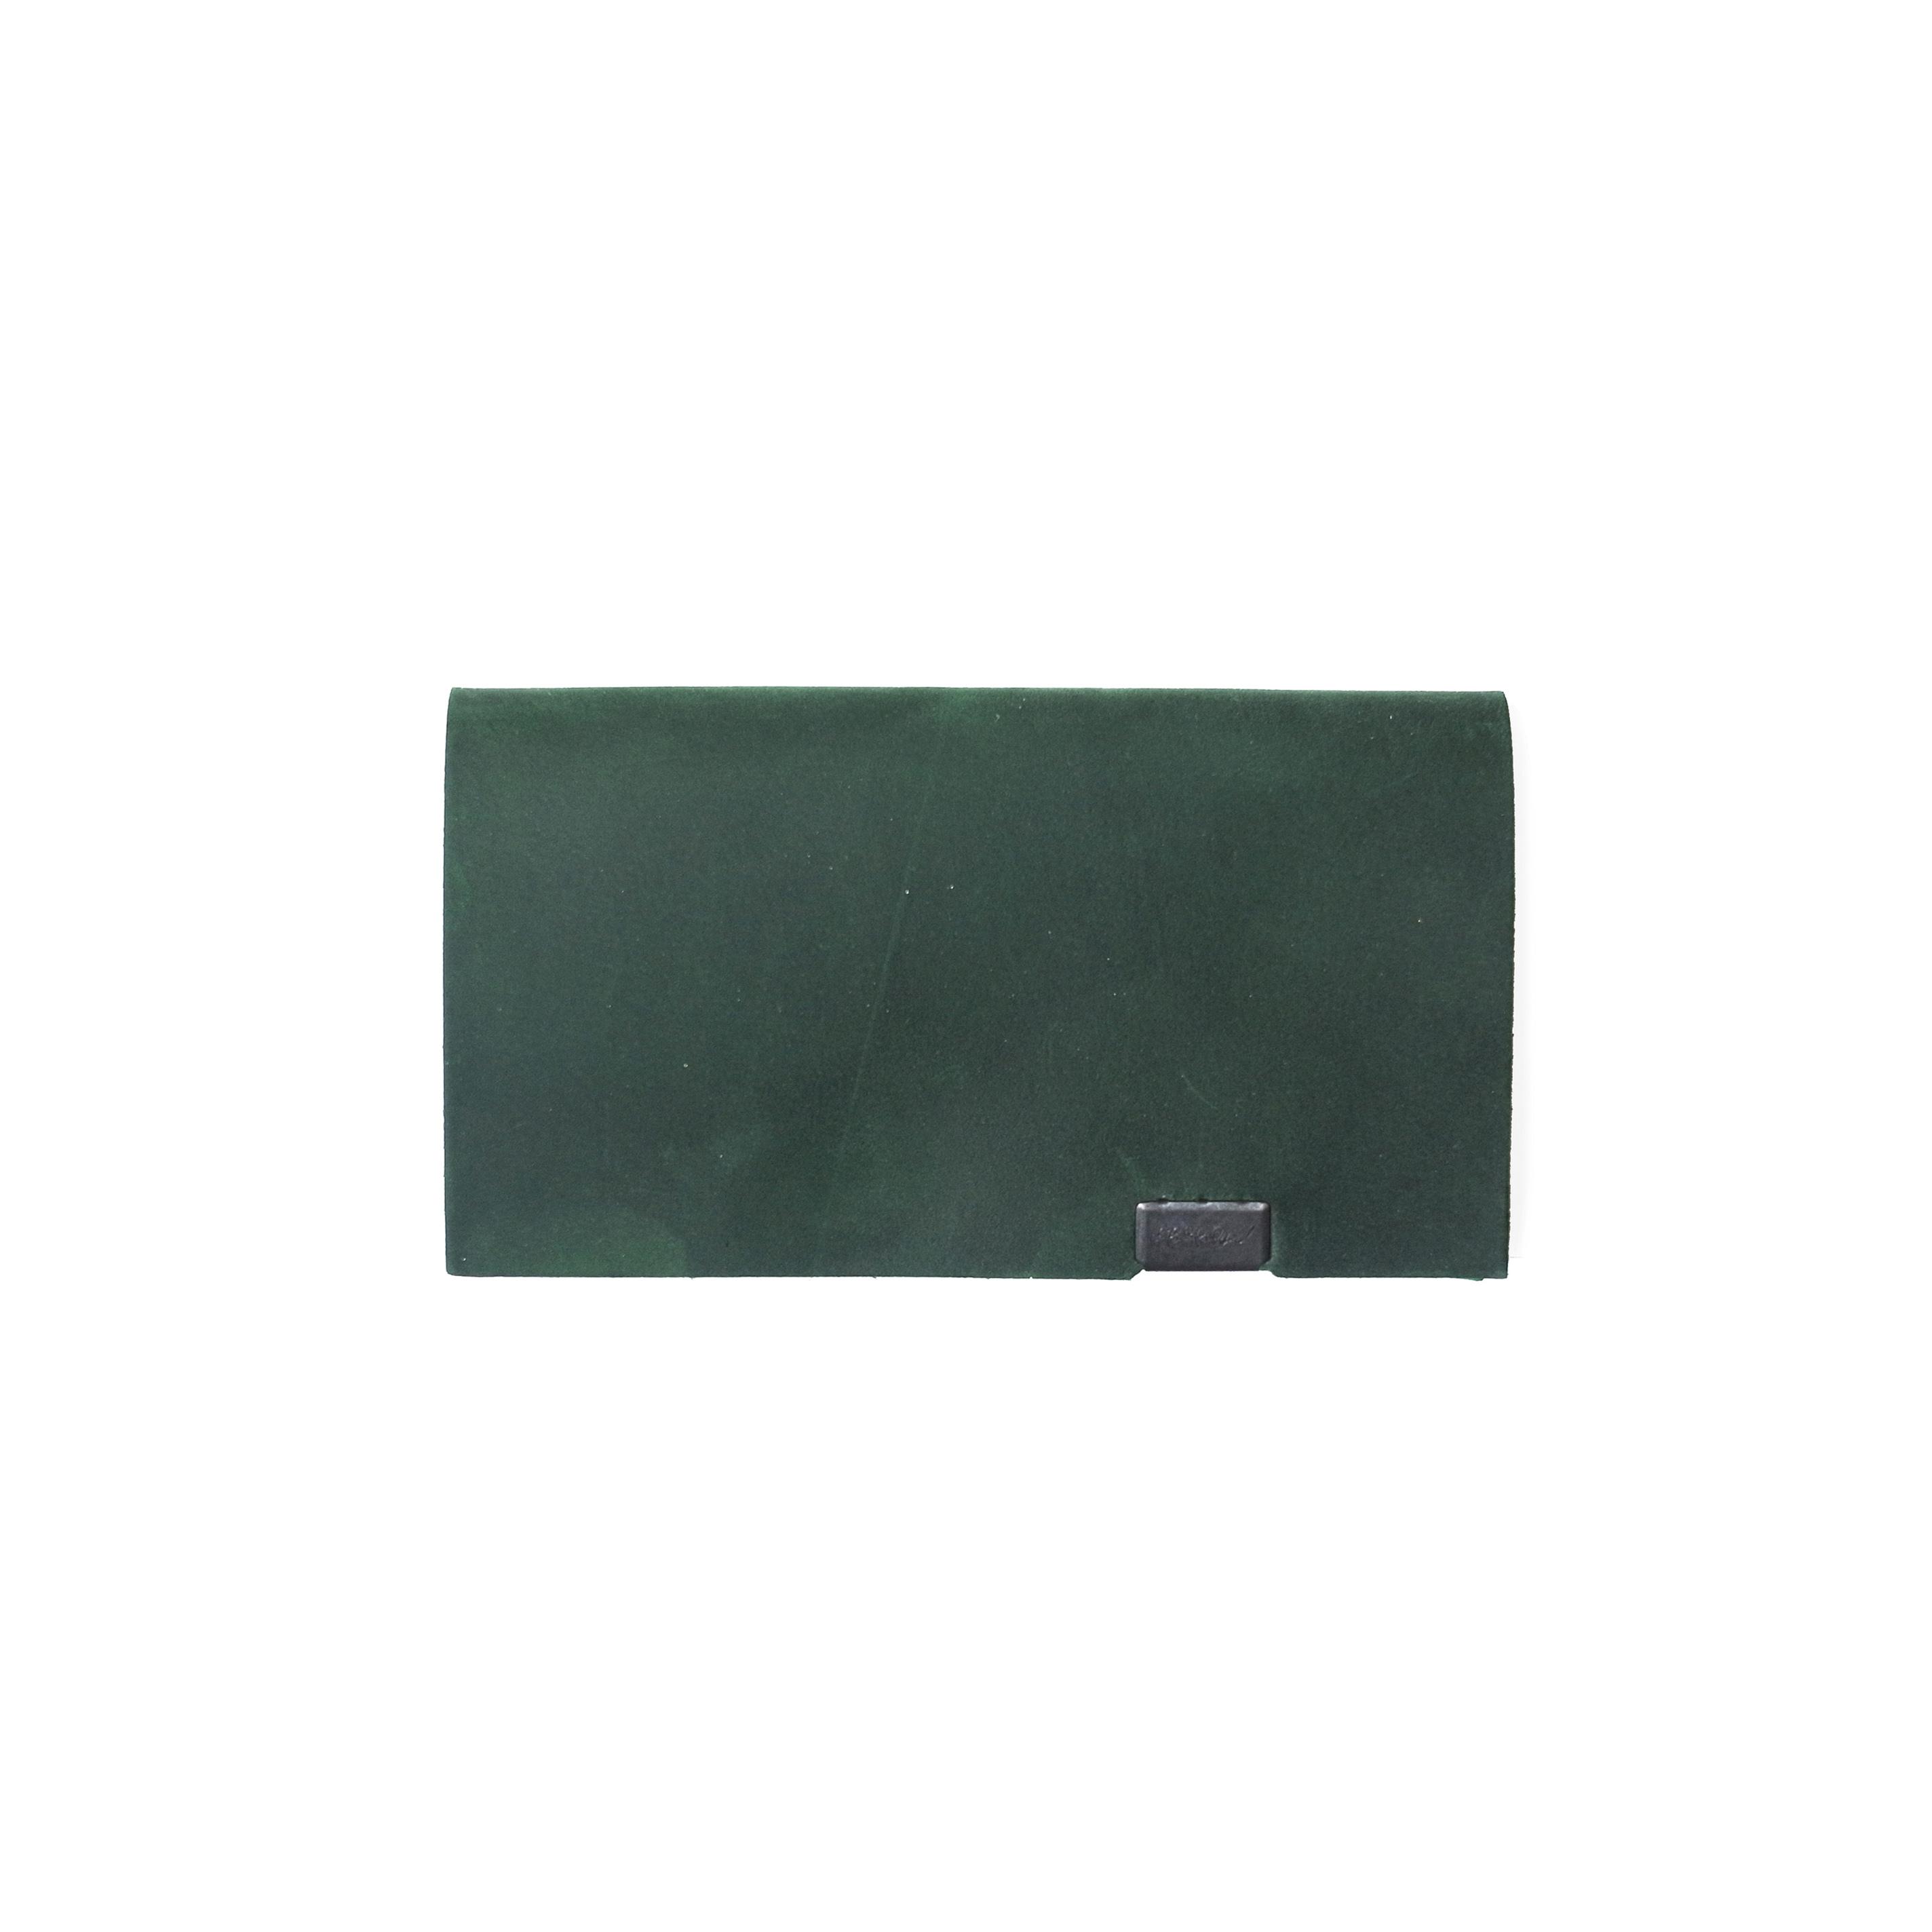 オイルヌバック -カードケース- グリーン